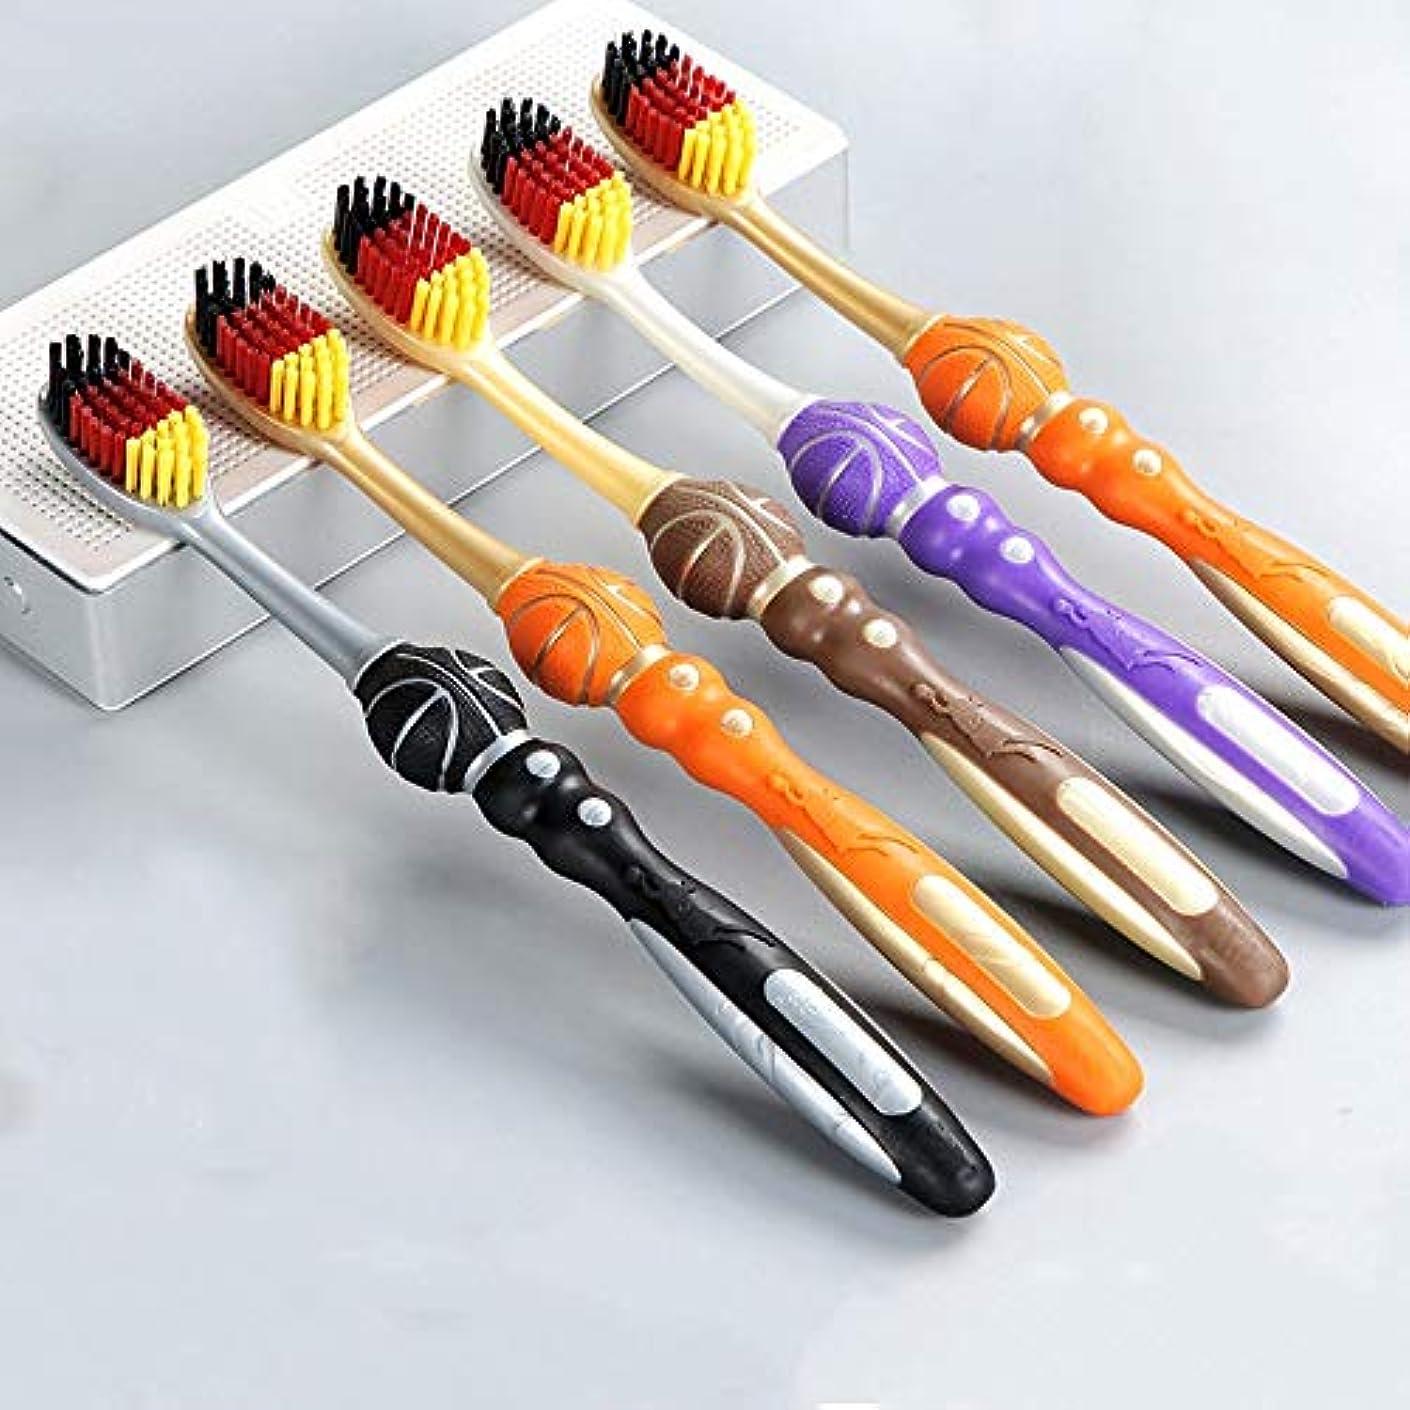 大佐ランチ有彩色の歯ブラシ 10パック歯ブラシ、ソフト毛歯ブラシ、竹炭歯ブラシ、携帯用歯ブラシ - 利用可能な2つのスタイル HL (色 : A, サイズ : 10 packs)